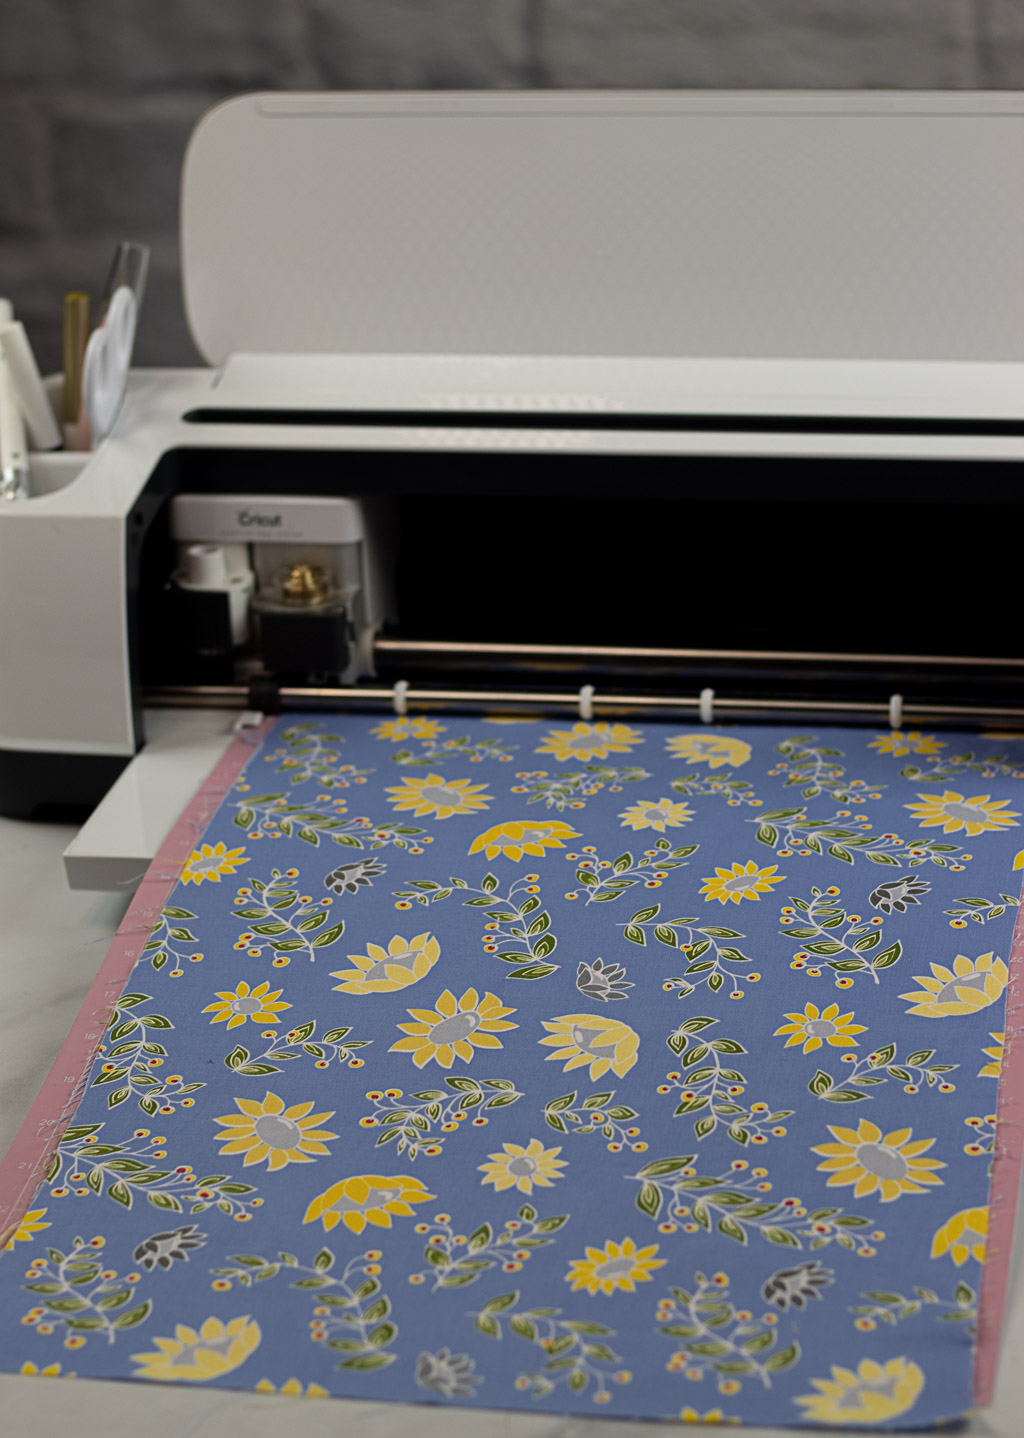 cricut maker gift ideas